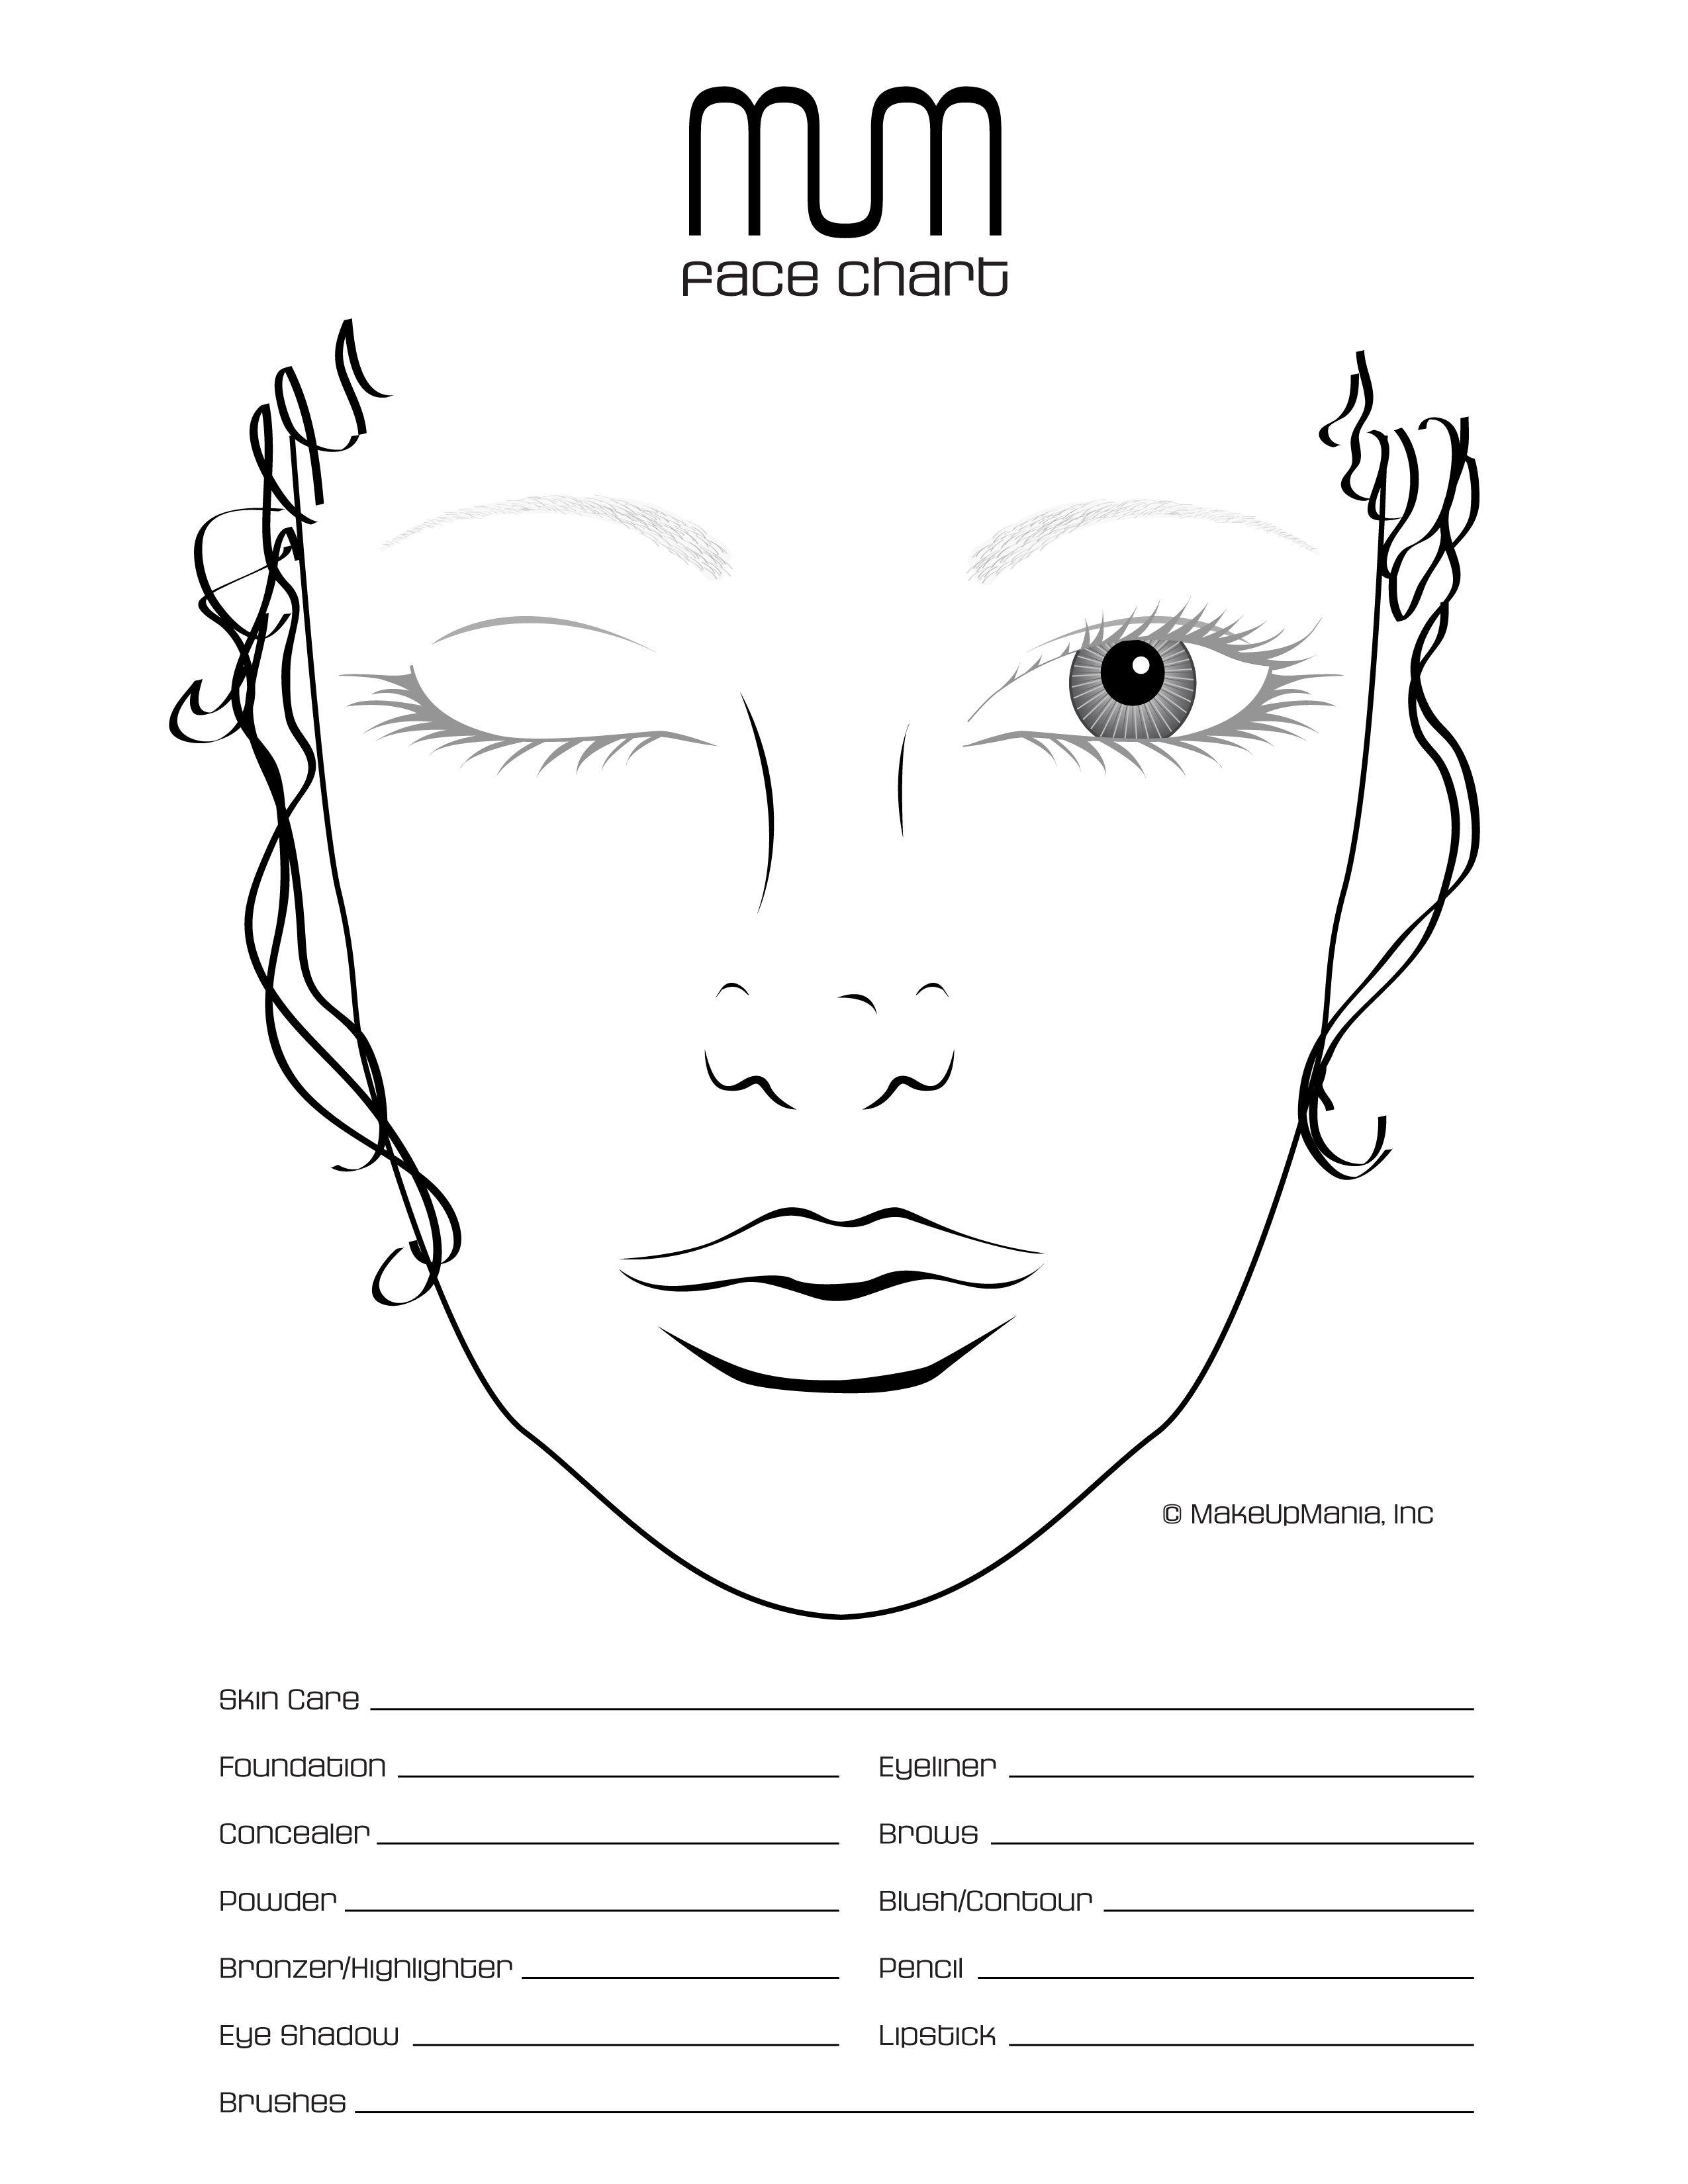 Professional Makeup Supplies For Makeup Artists